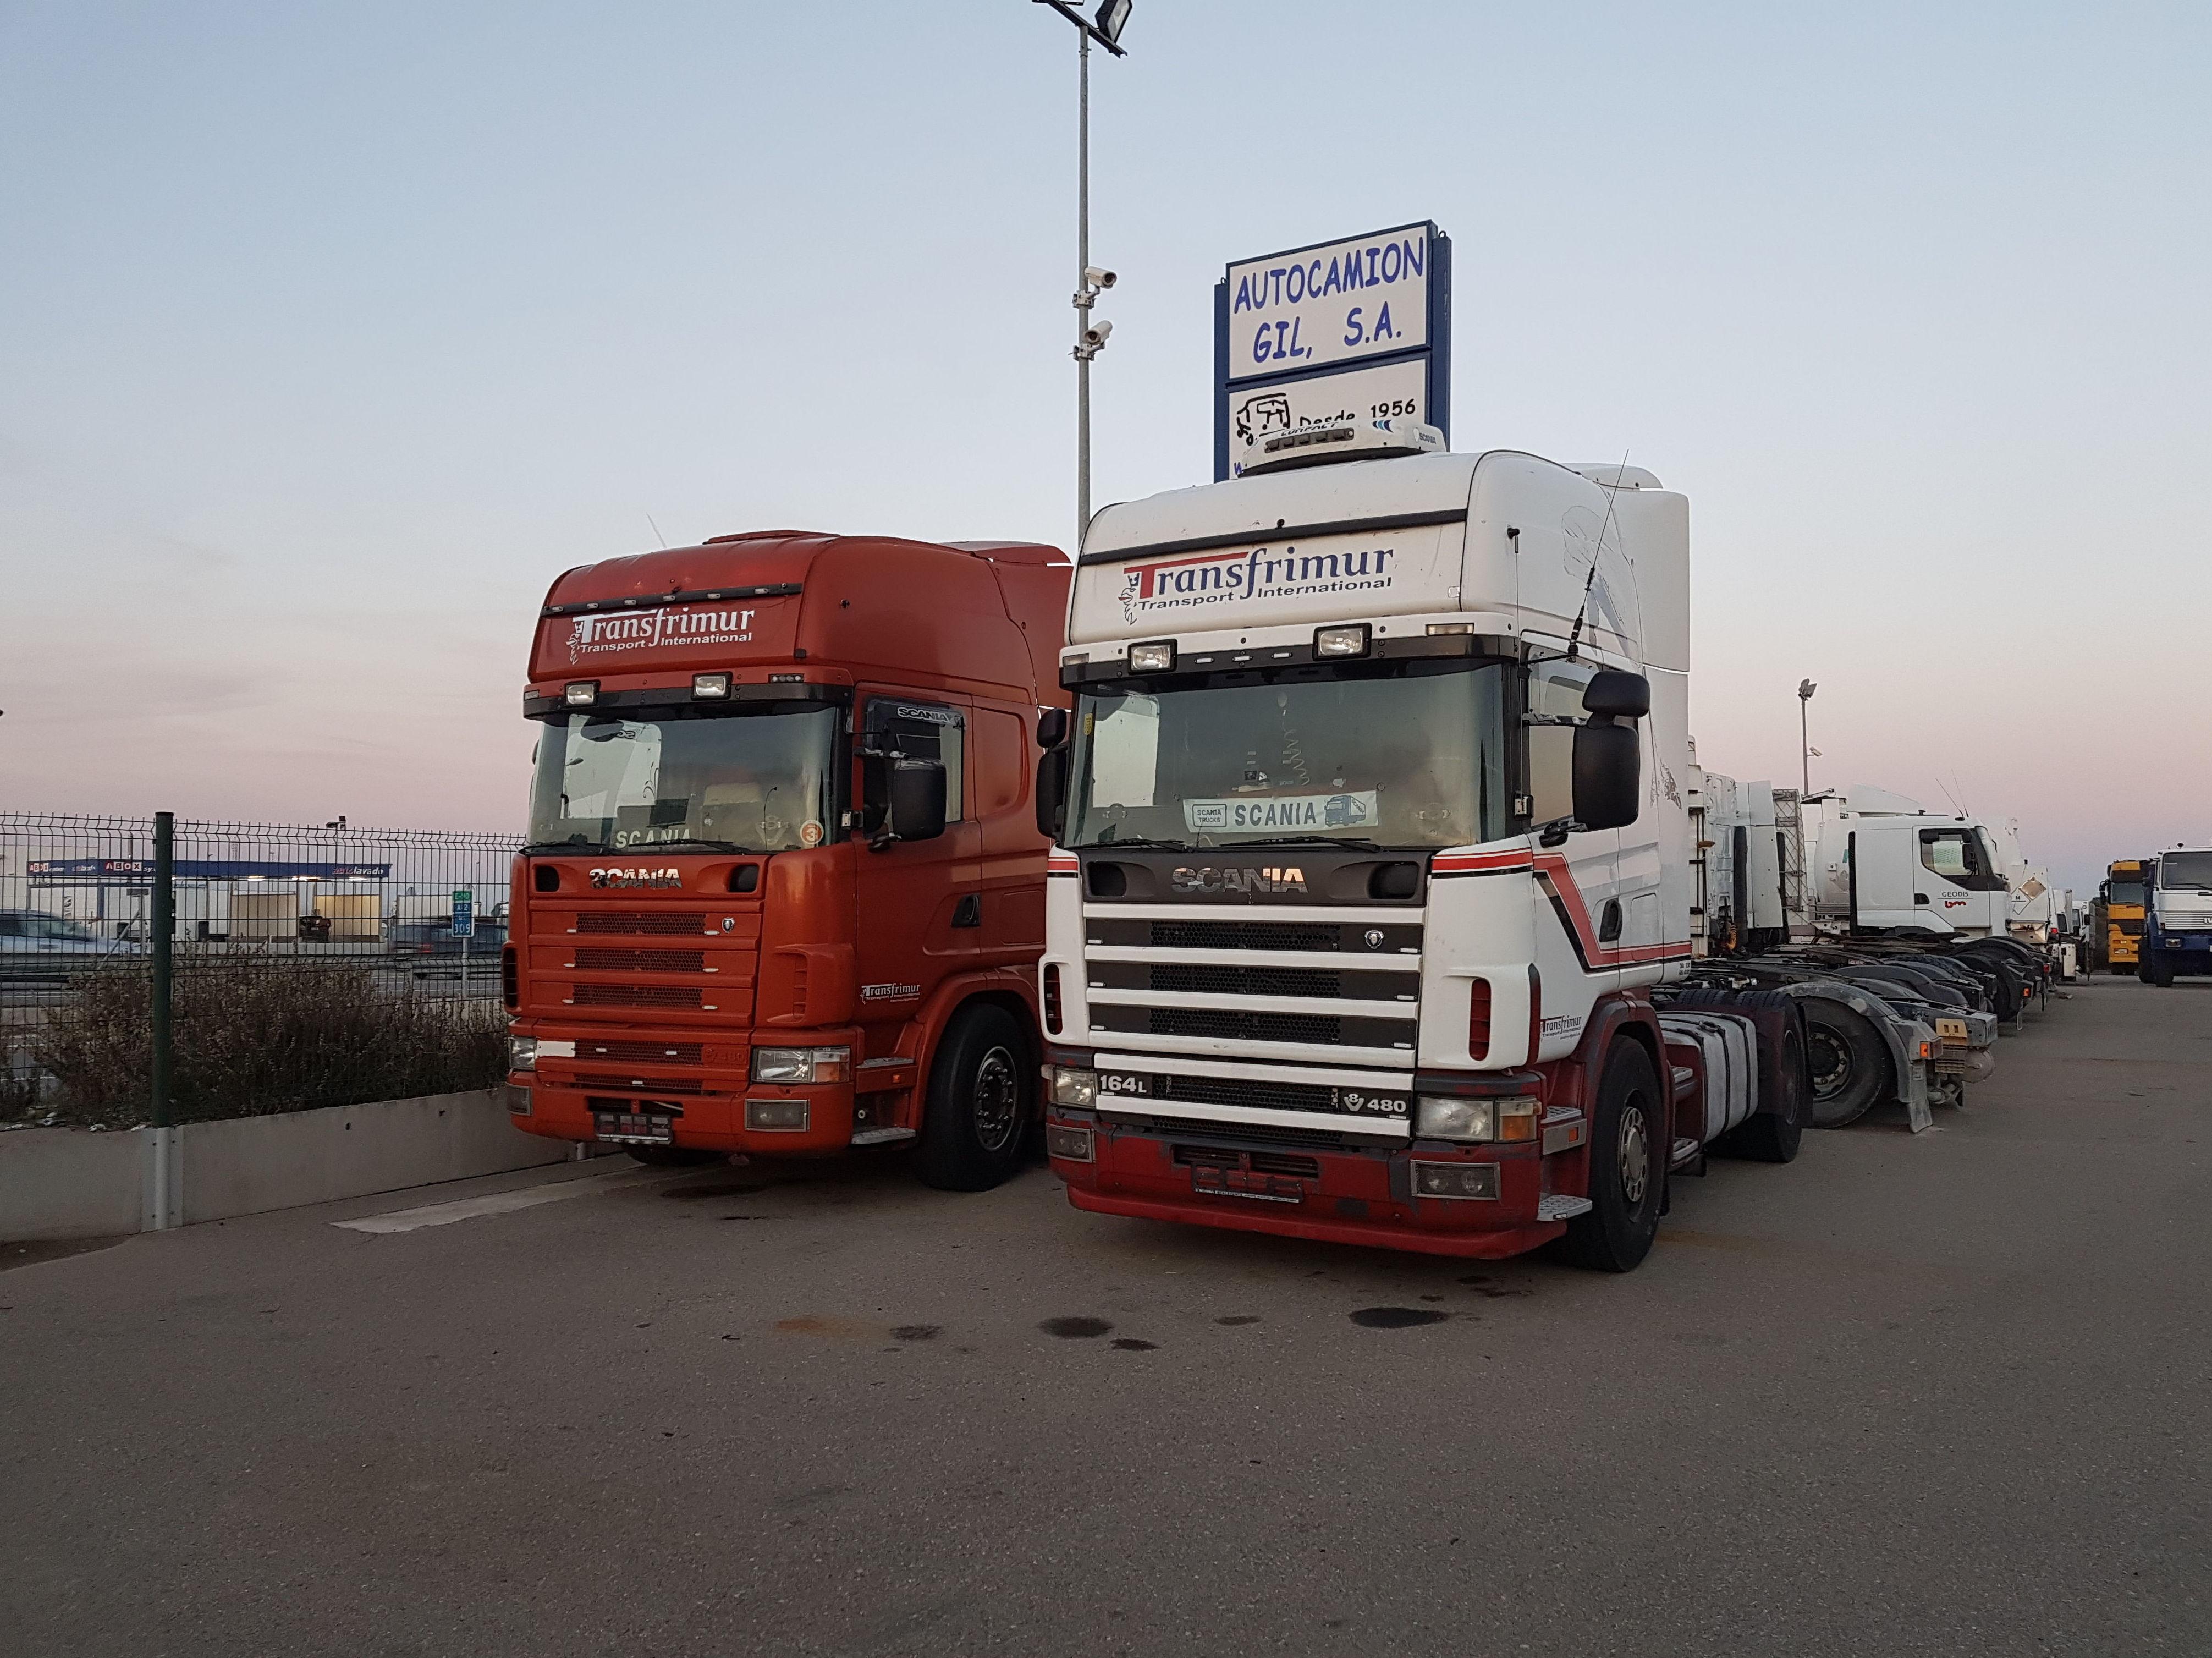 Foto 64 de Gestión para transportes en Zaragoza | Gesticotrans